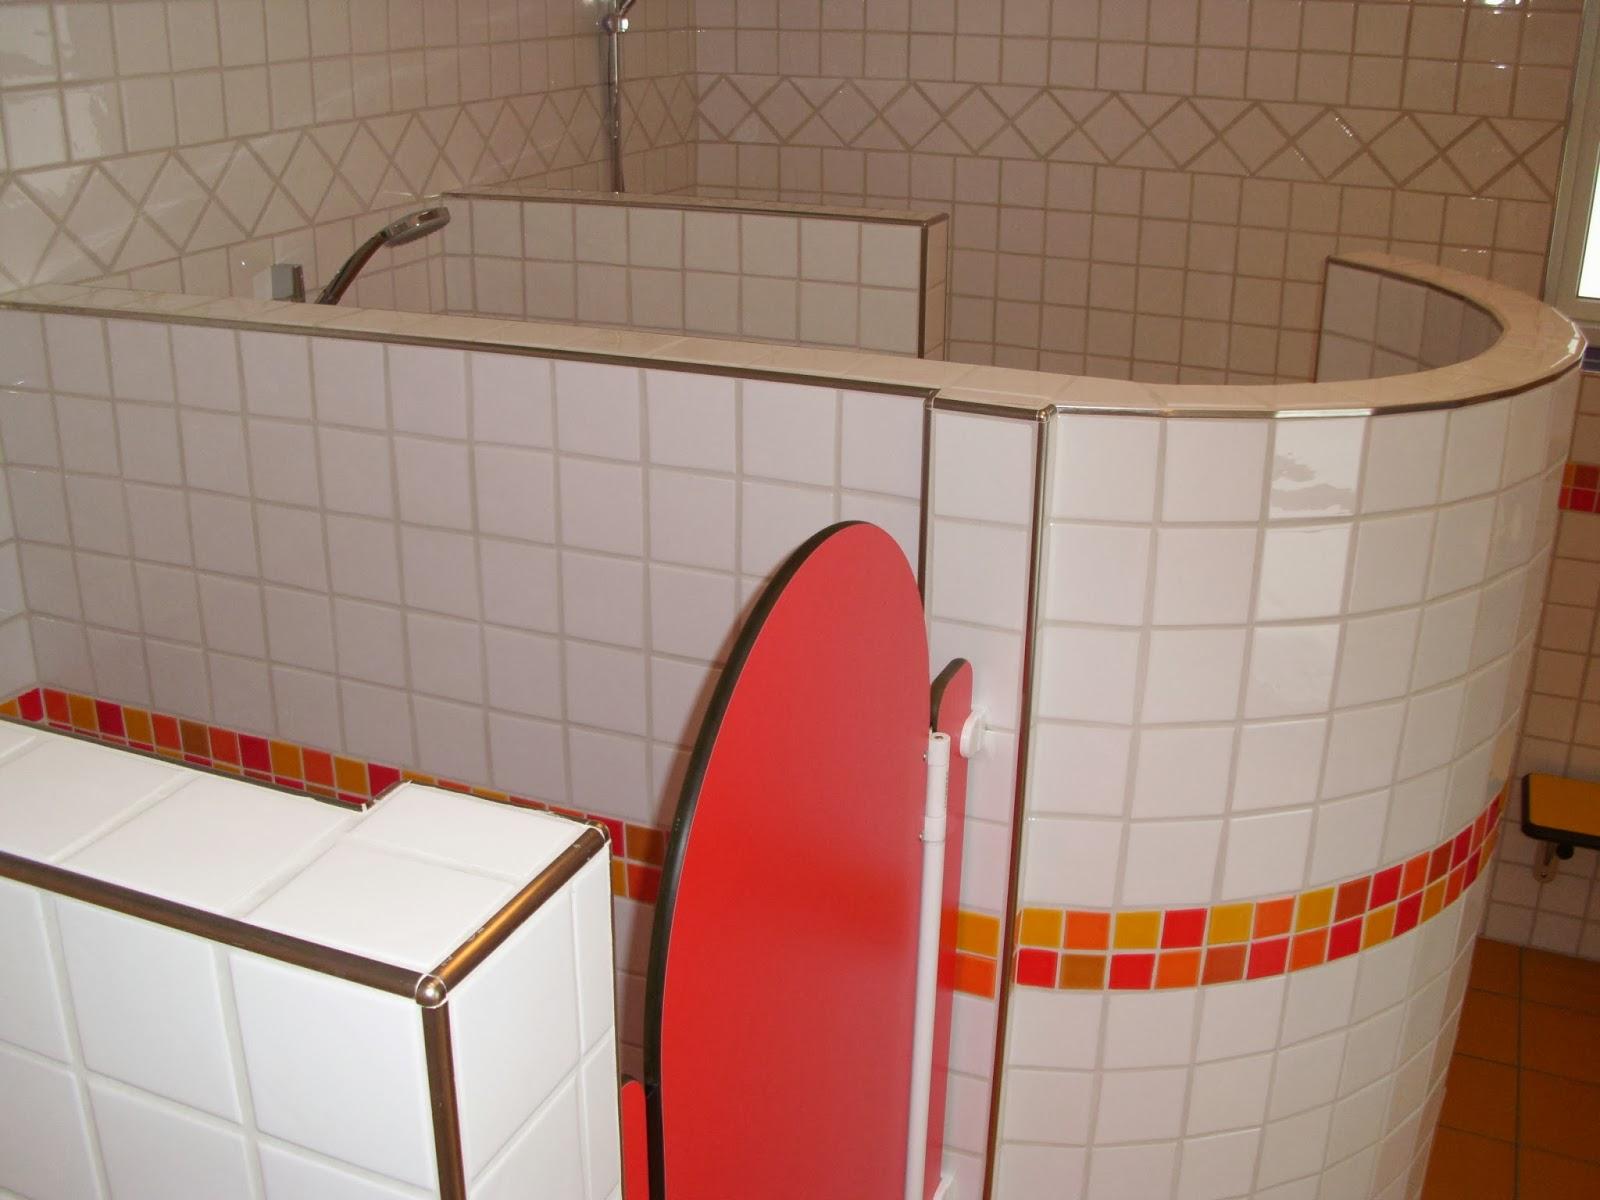 b der mit kindgerechter funktion ein mann f r alle bau f lle. Black Bedroom Furniture Sets. Home Design Ideas